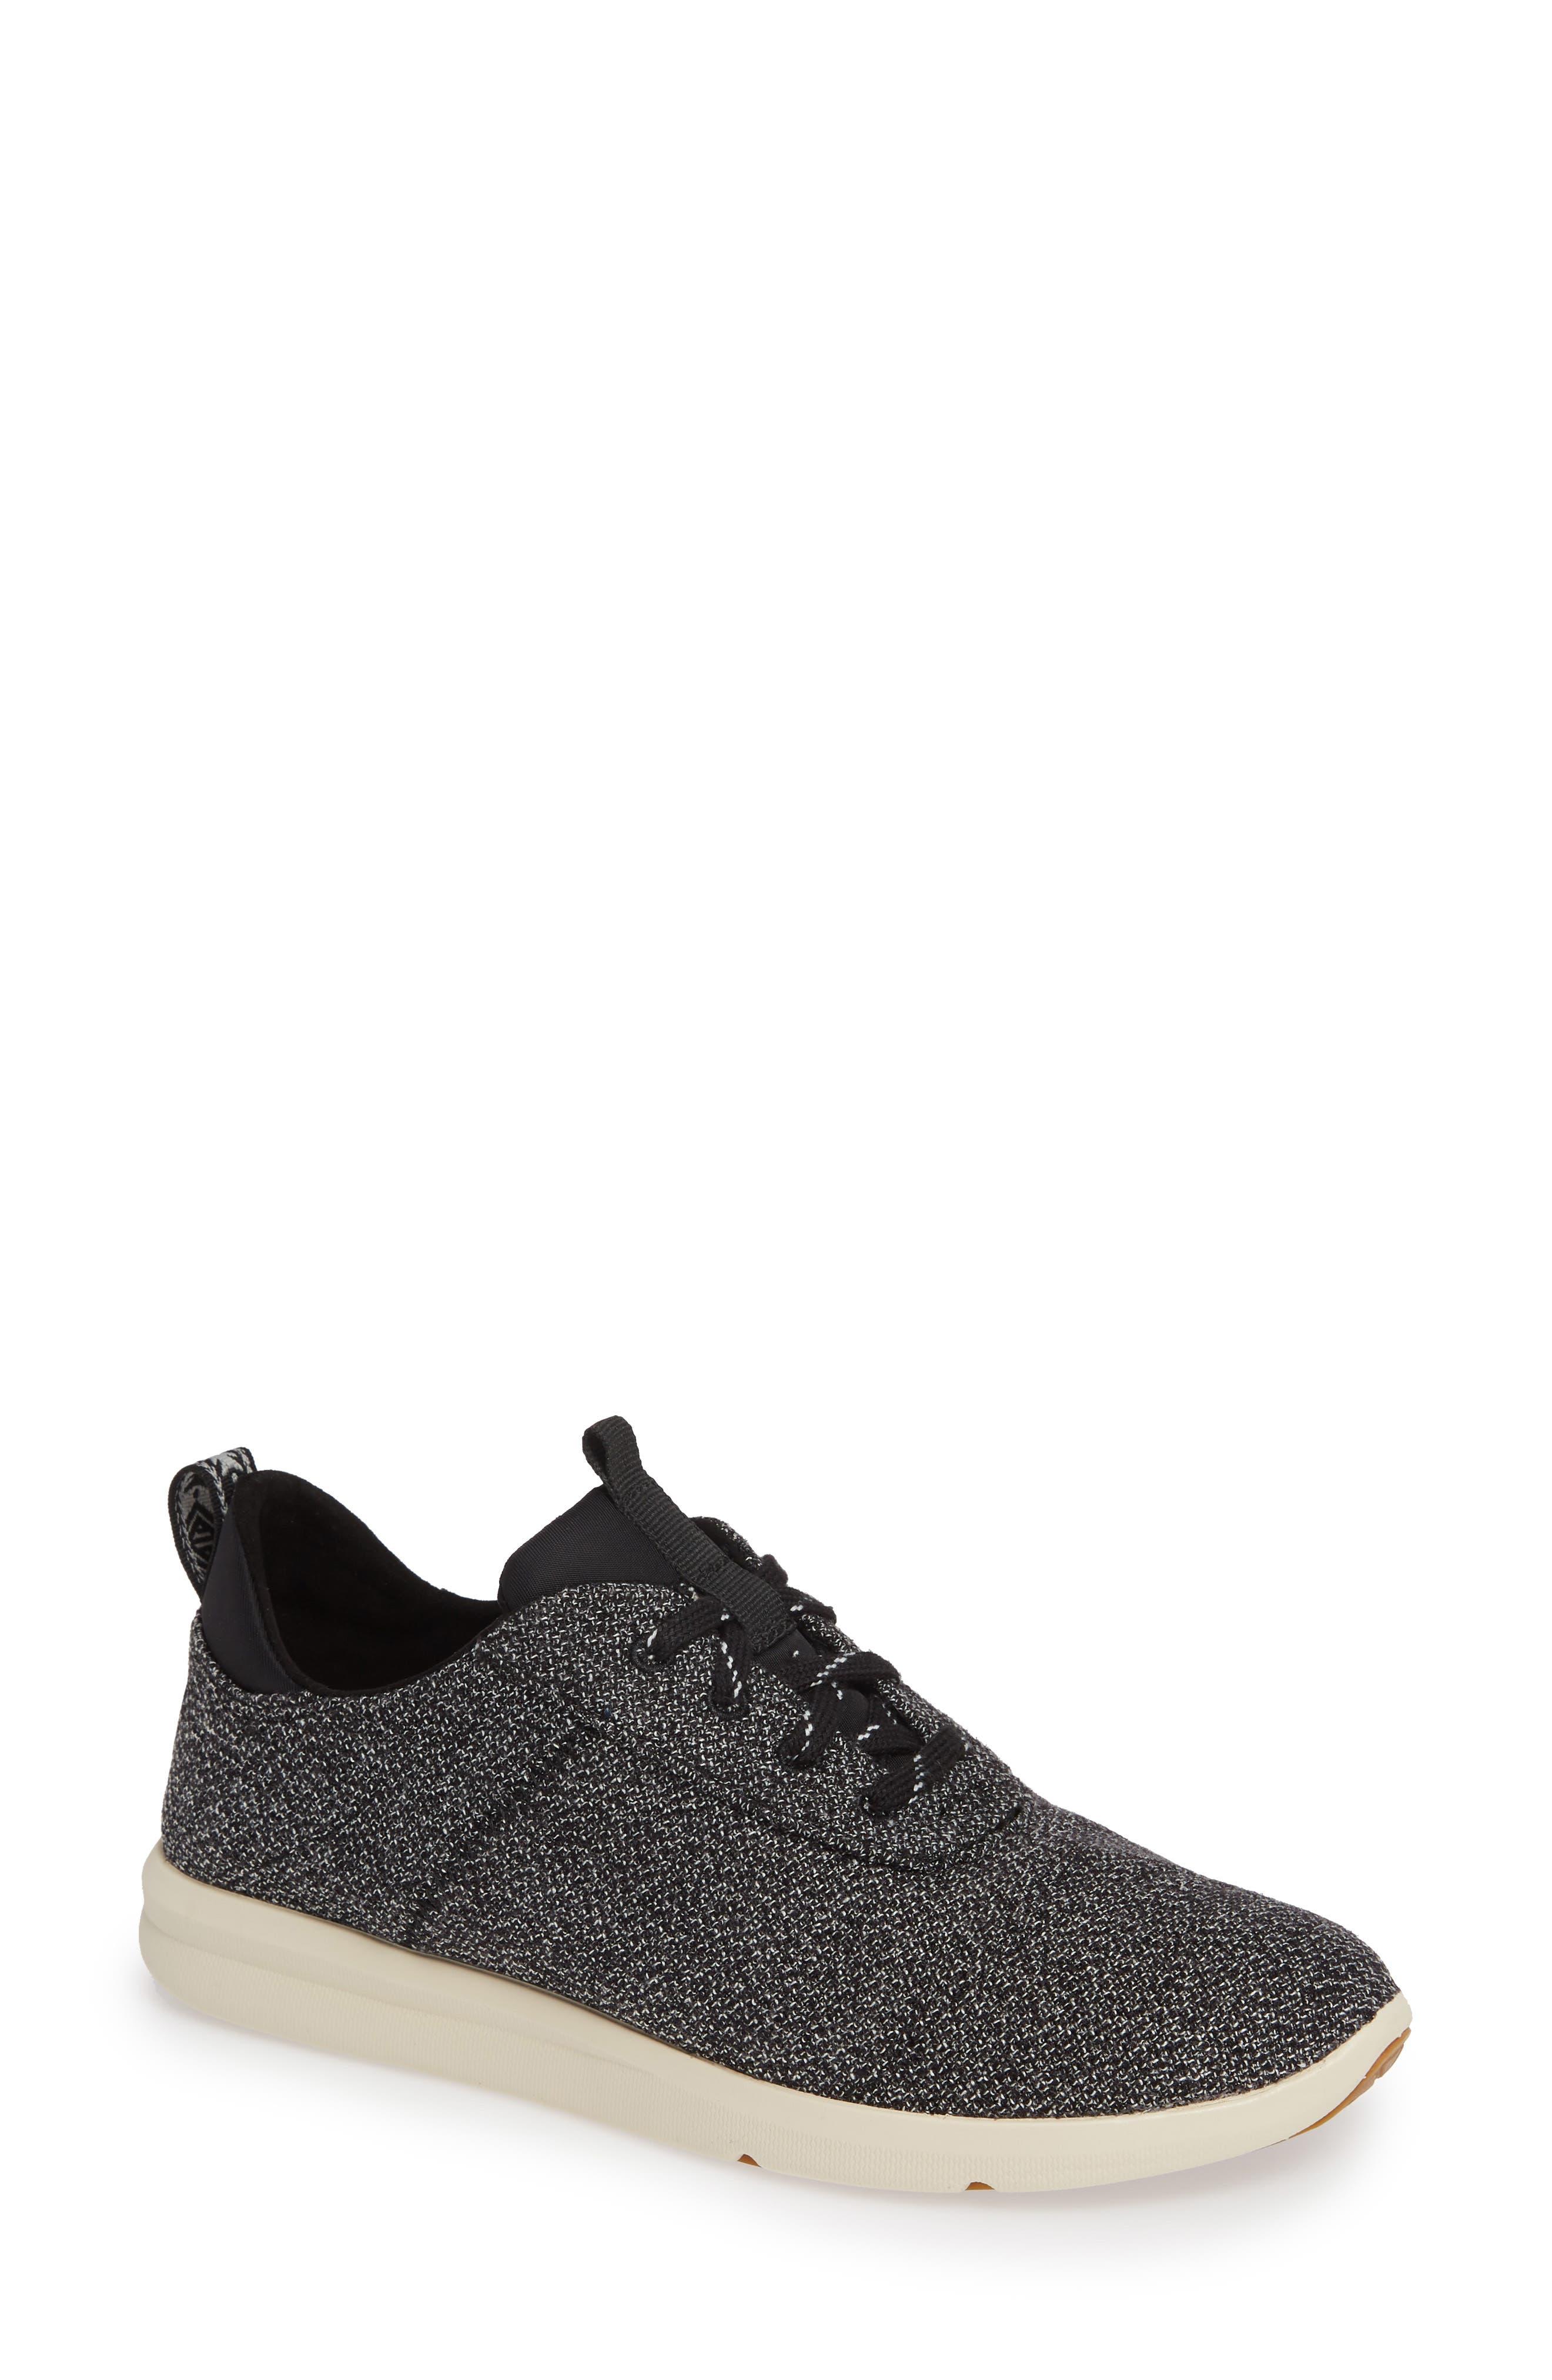 Toms Cabrillo Sneaker, Black